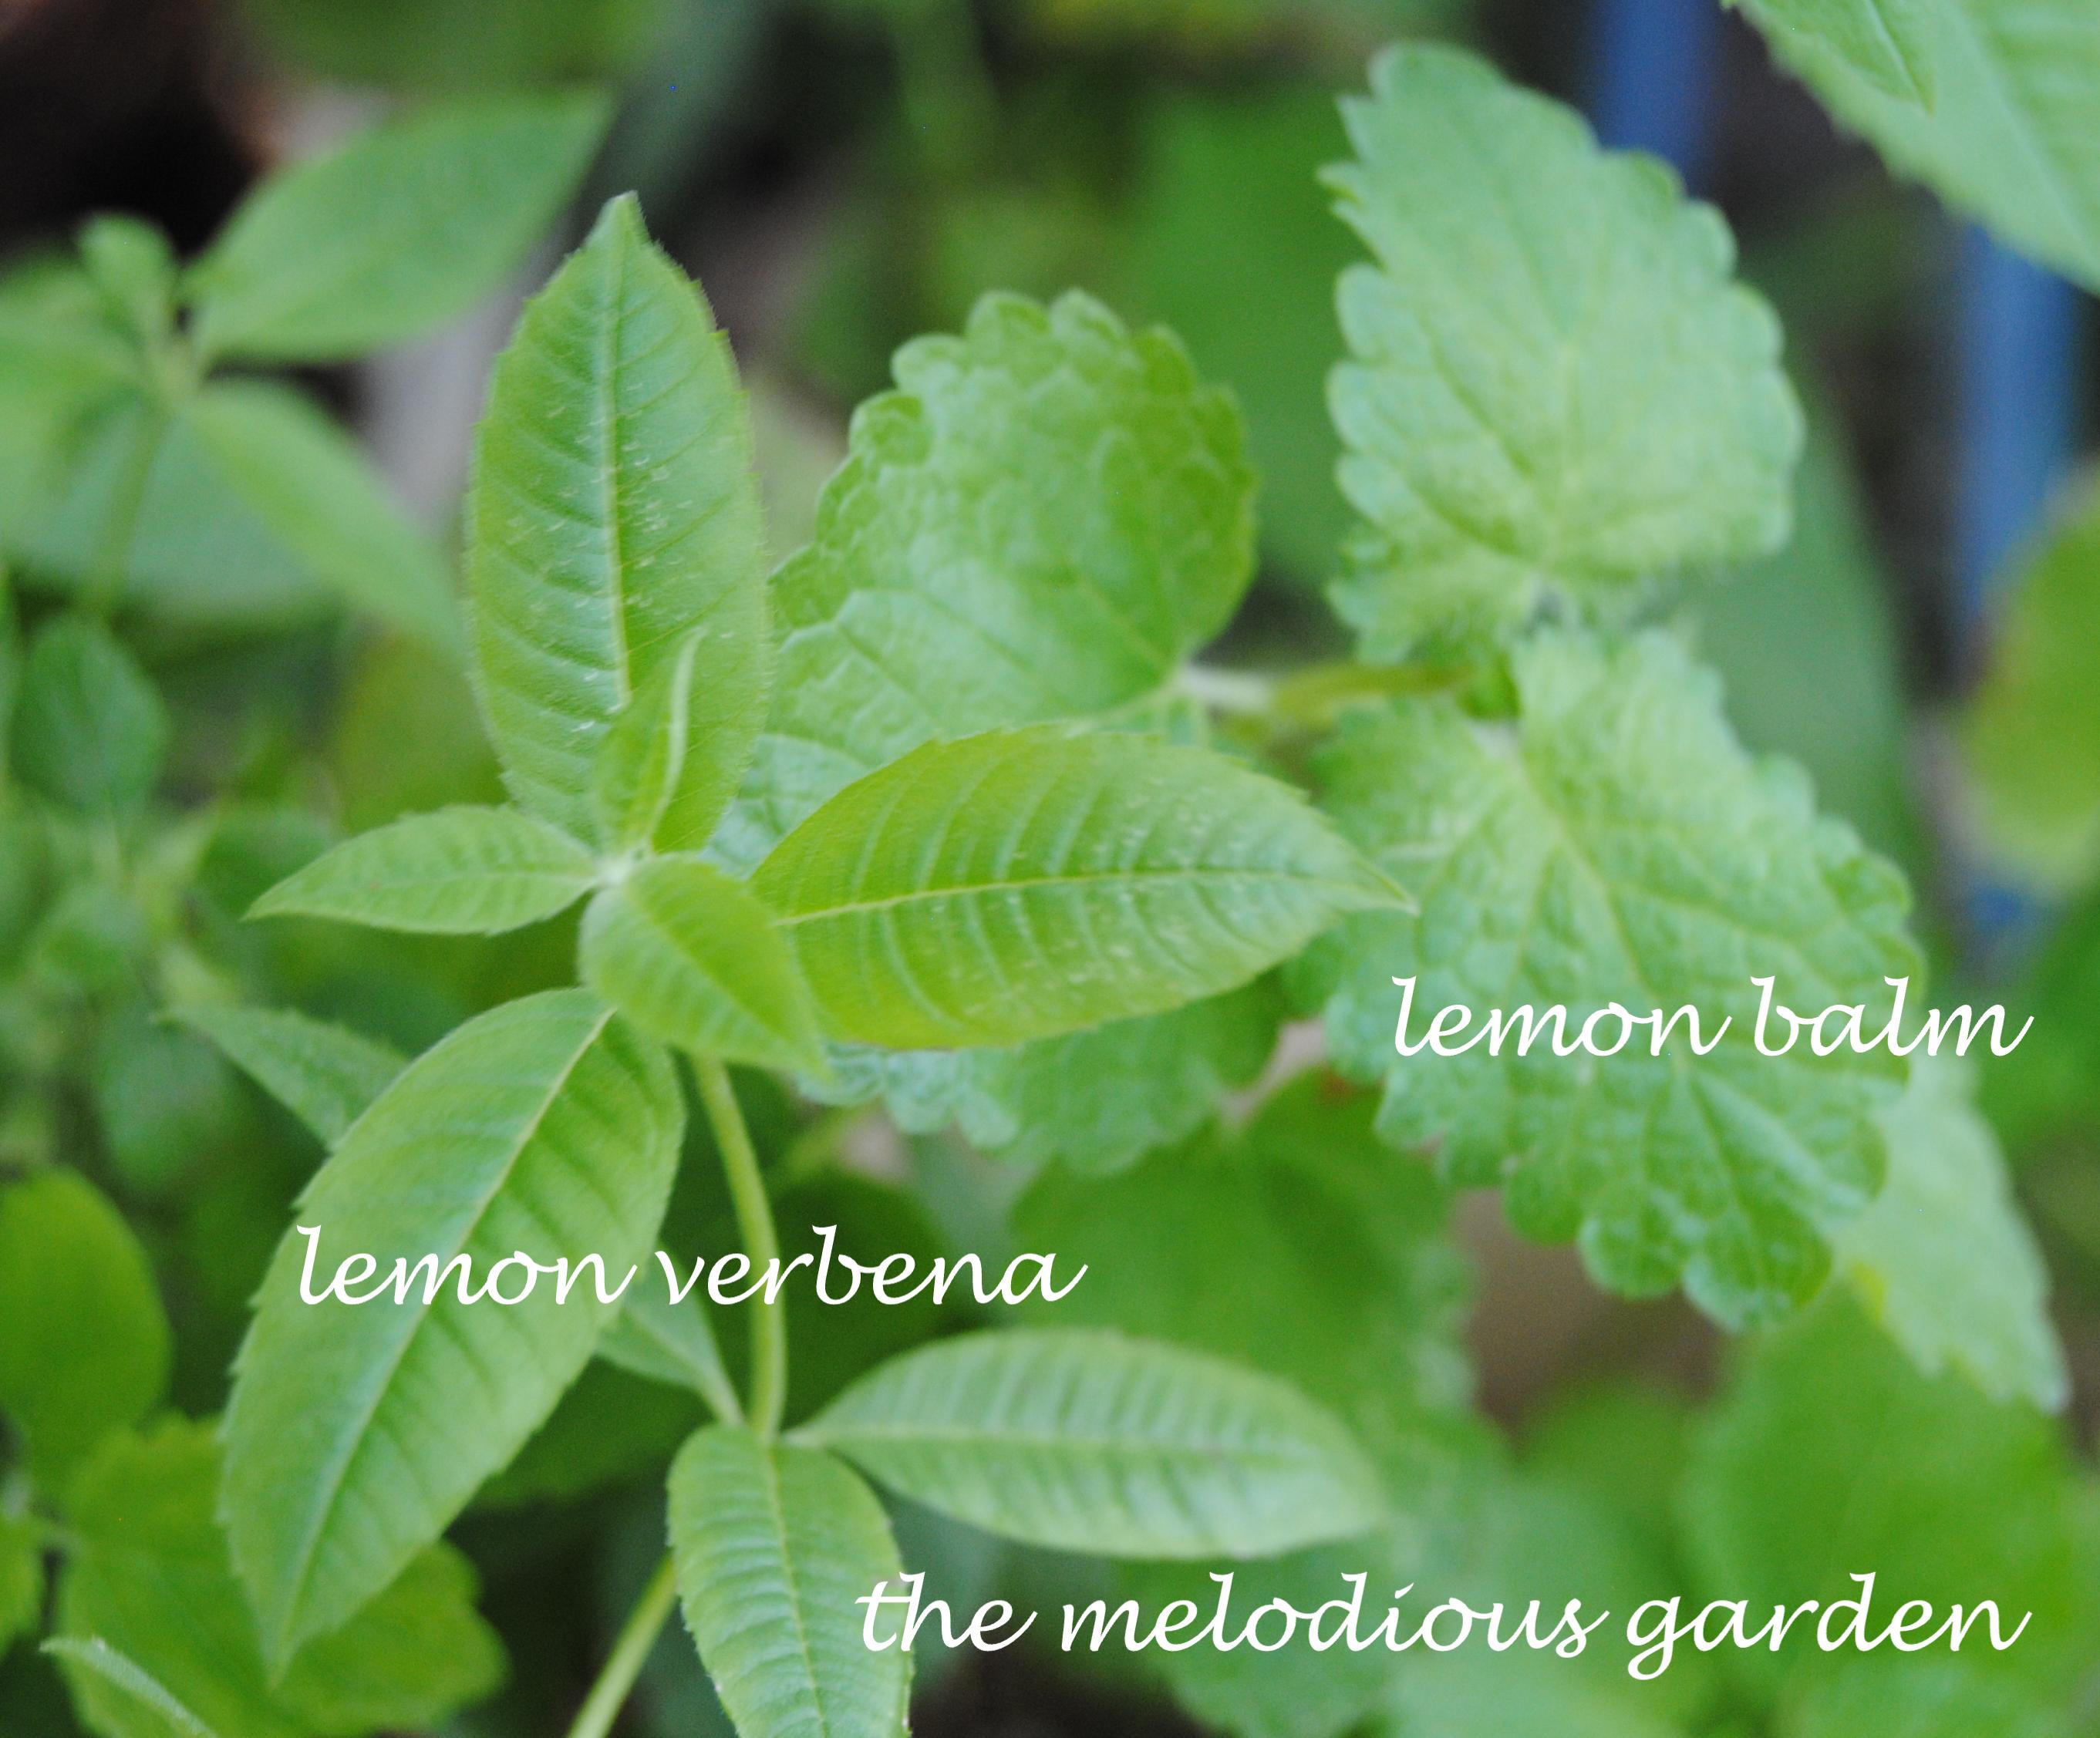 lemon verbena and balm2